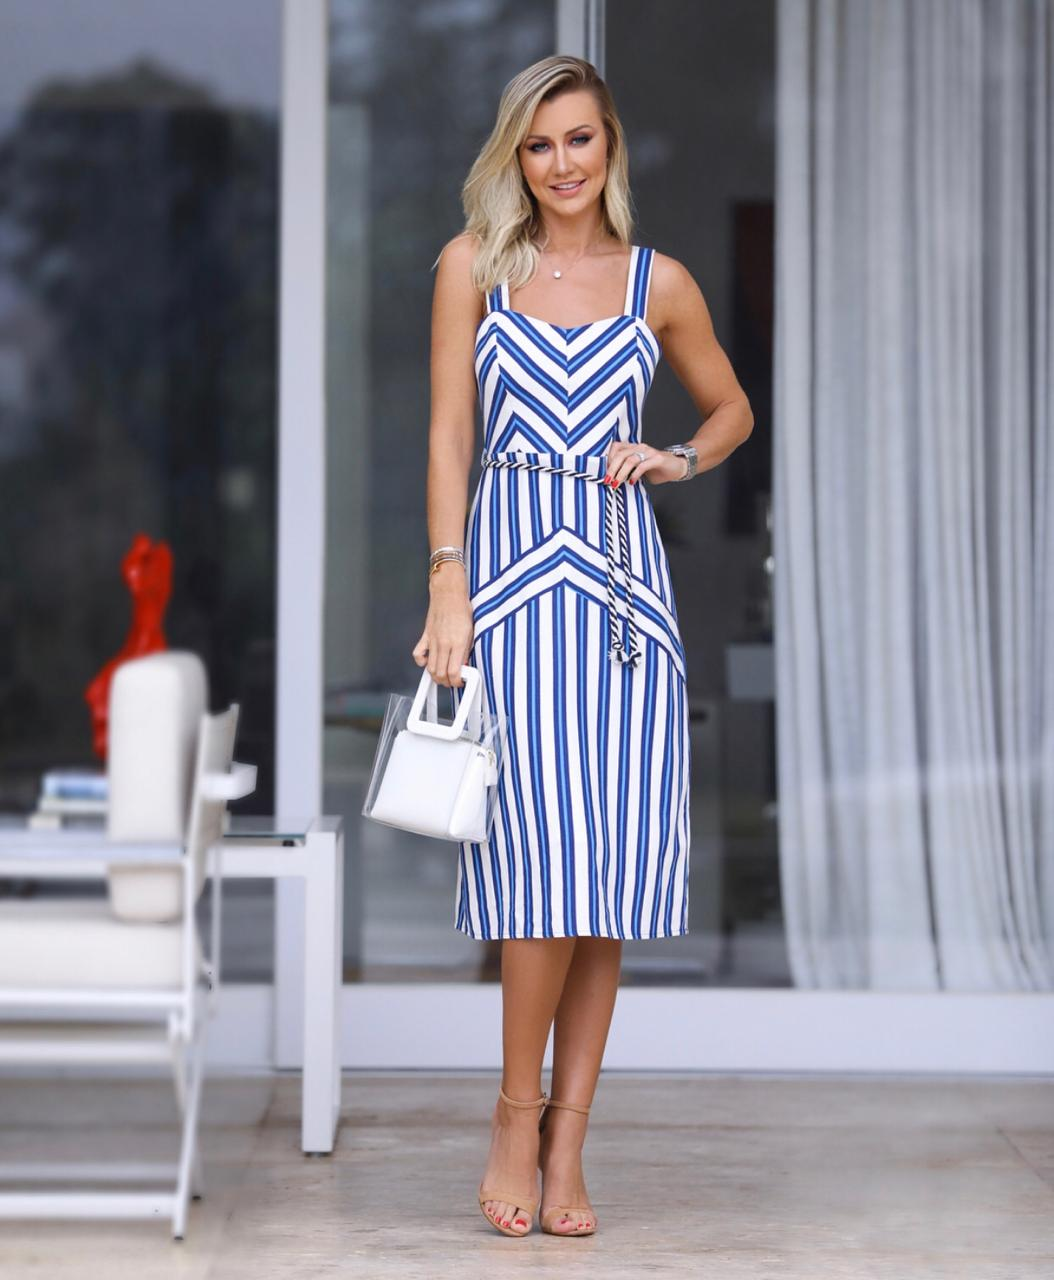 Vestido Lorena Blue Linho Listras (Forro) 70% Viscose 30% Linho